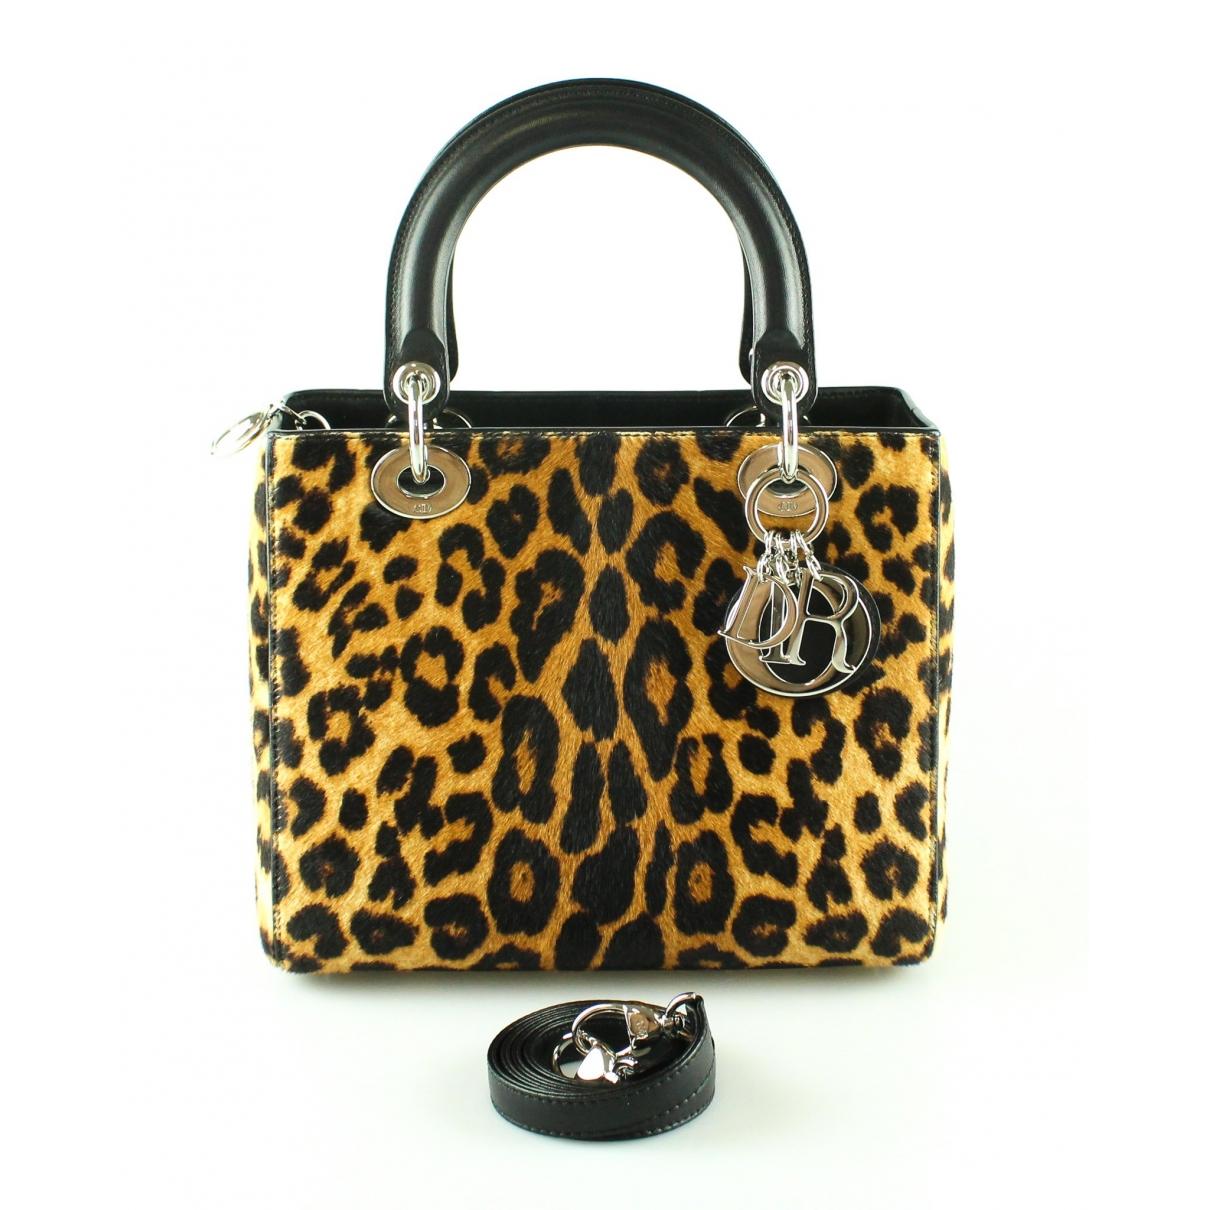 Dior Lady Dior Handtasche in Kalbsleder in Pony-Optik